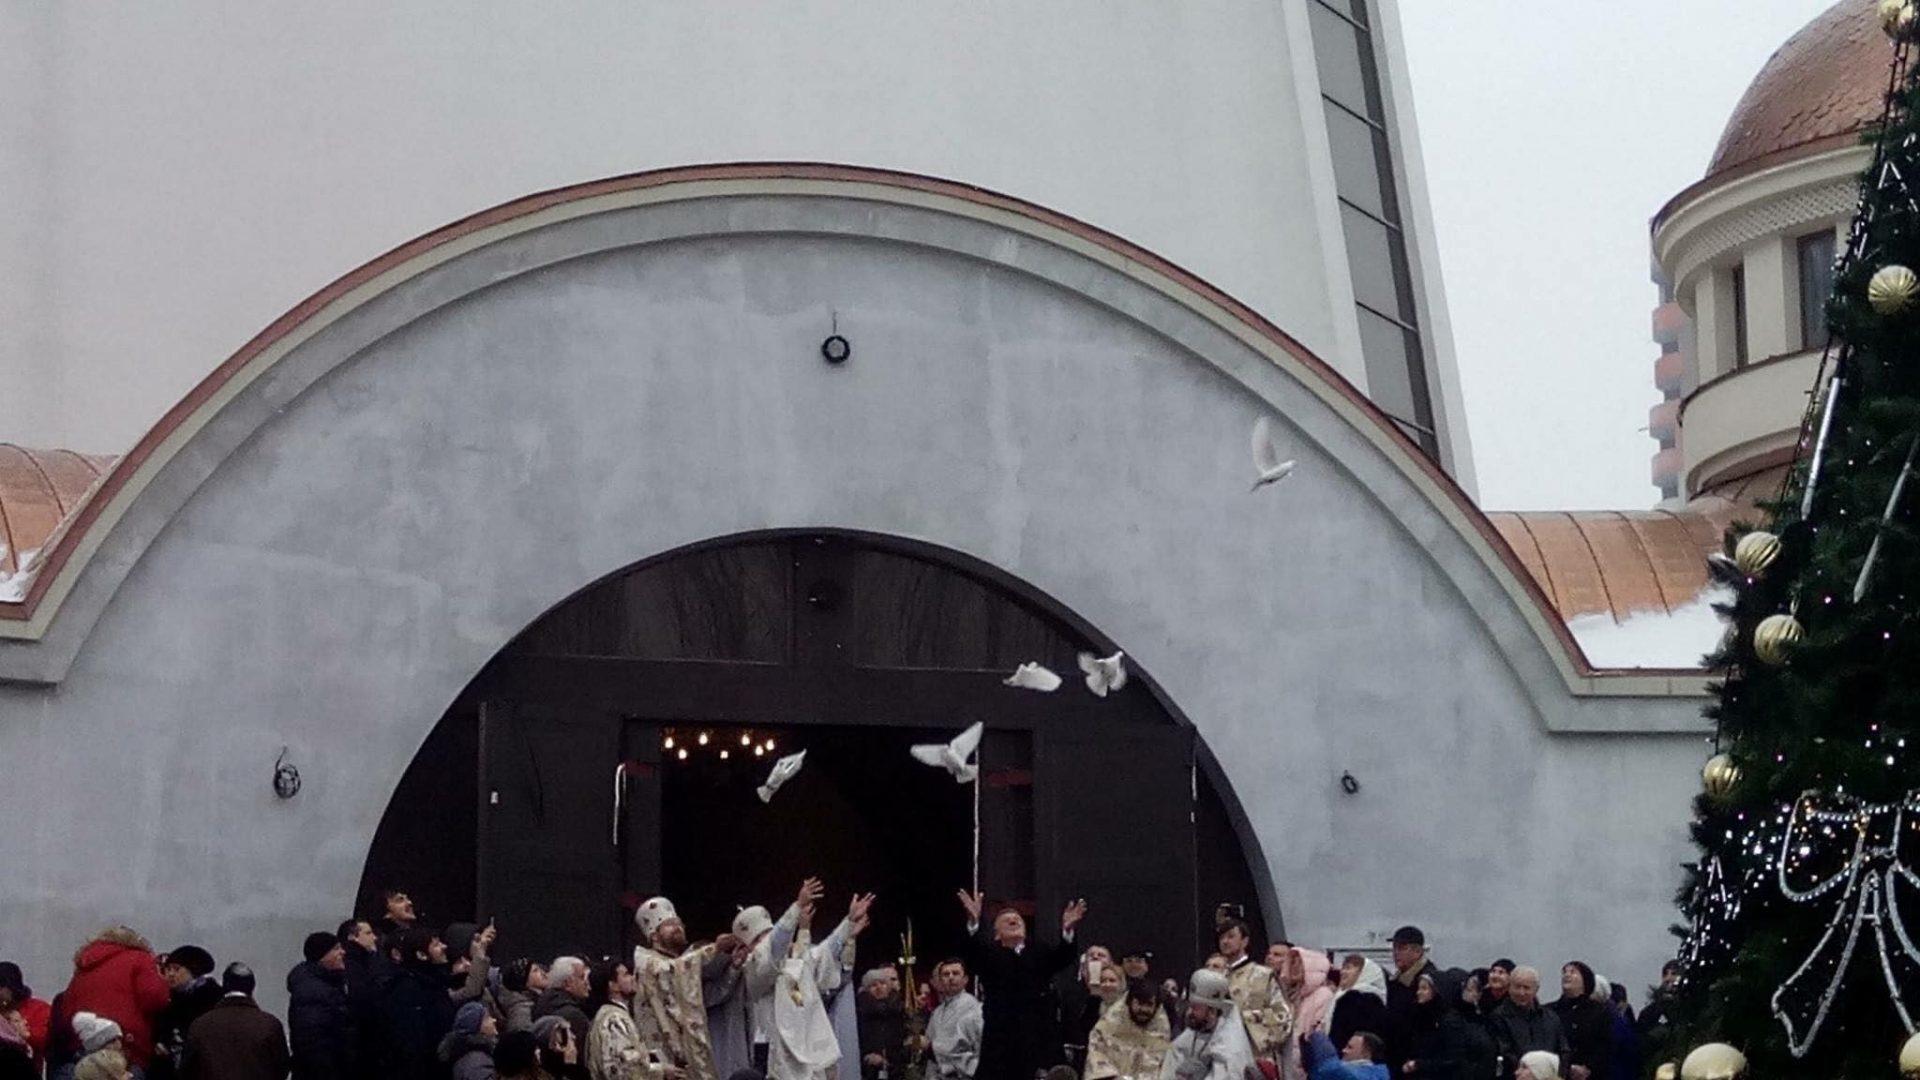 Друзі, з Хрещенням Господнім! Христос Хрещається! В річці Йордан